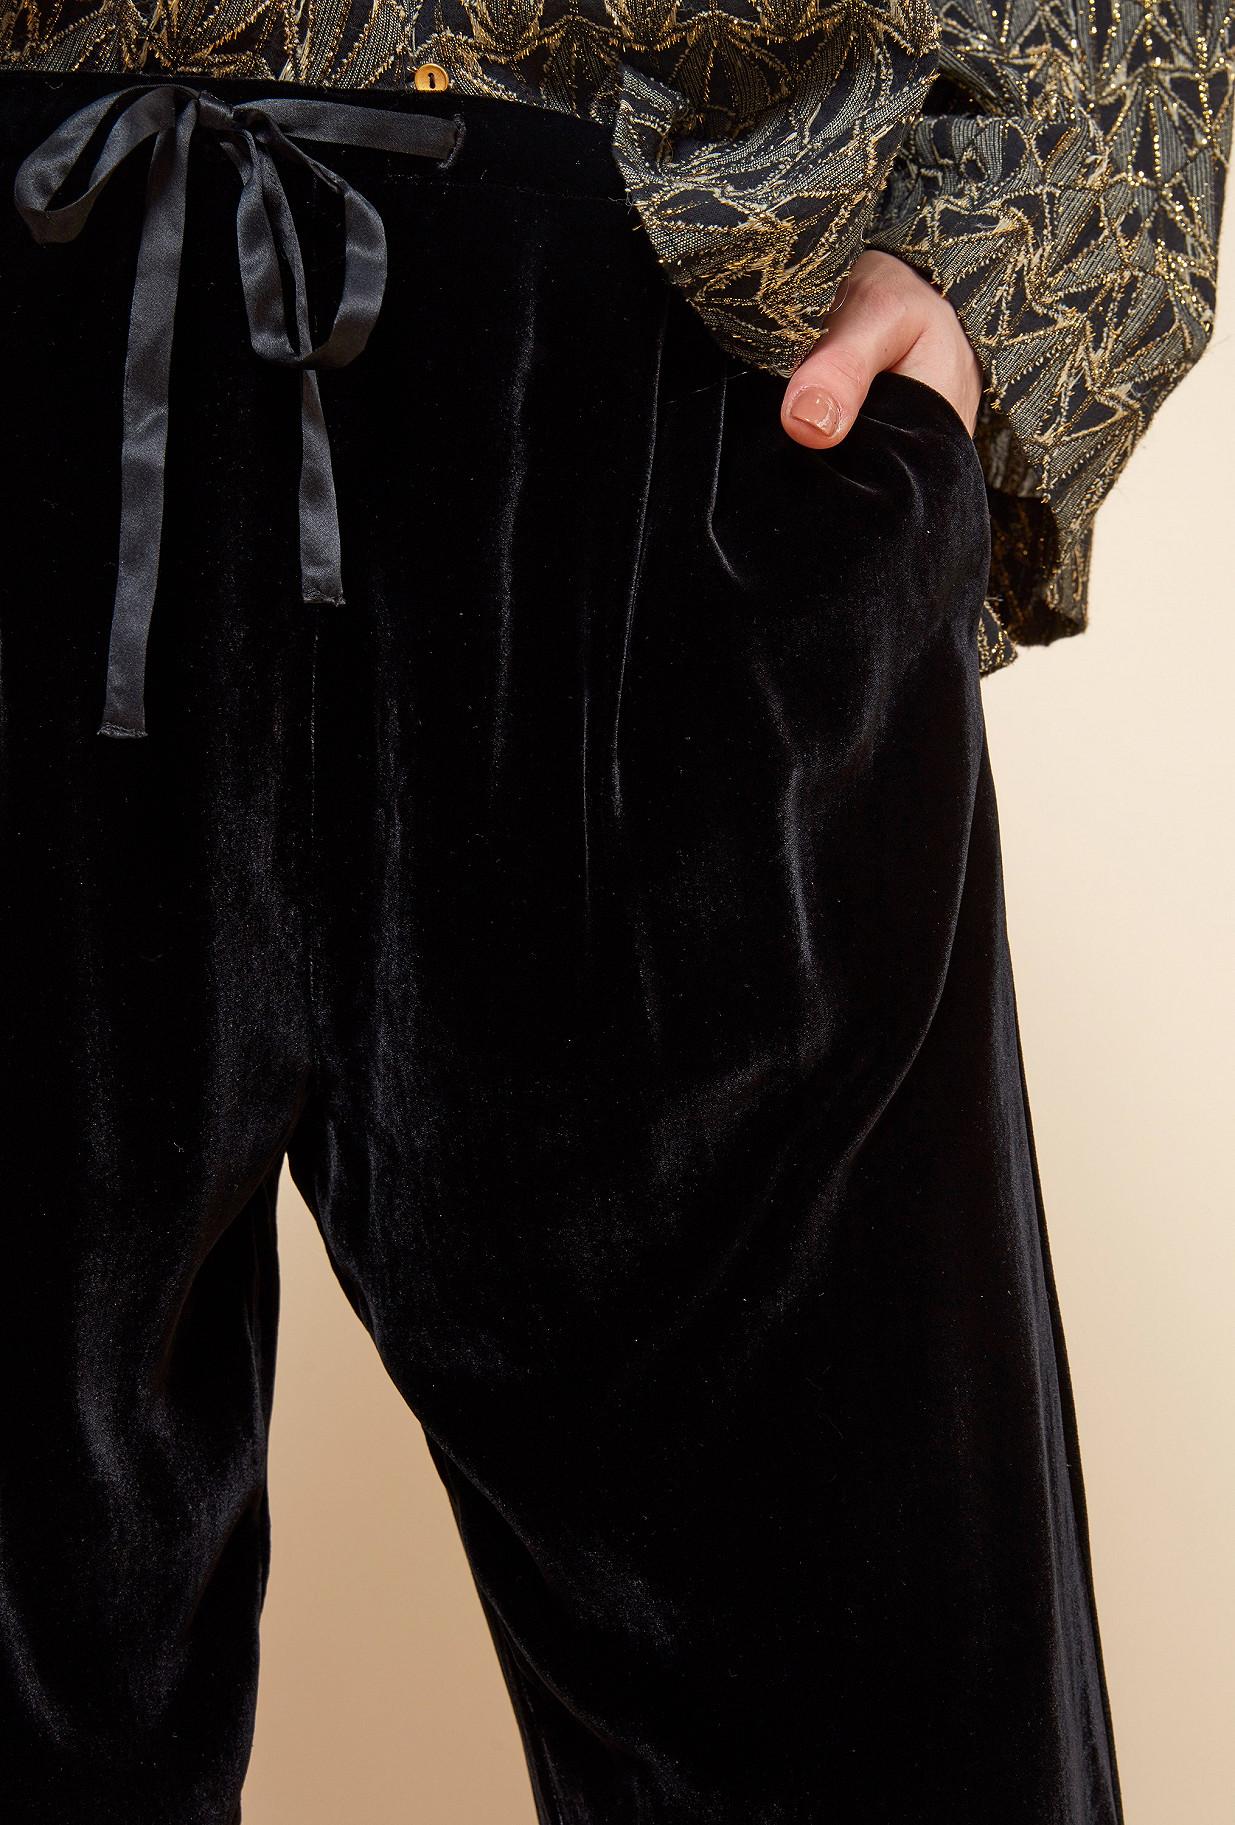 PANTALON Noir  Milo mes demoiselles paris vêtement femme paris